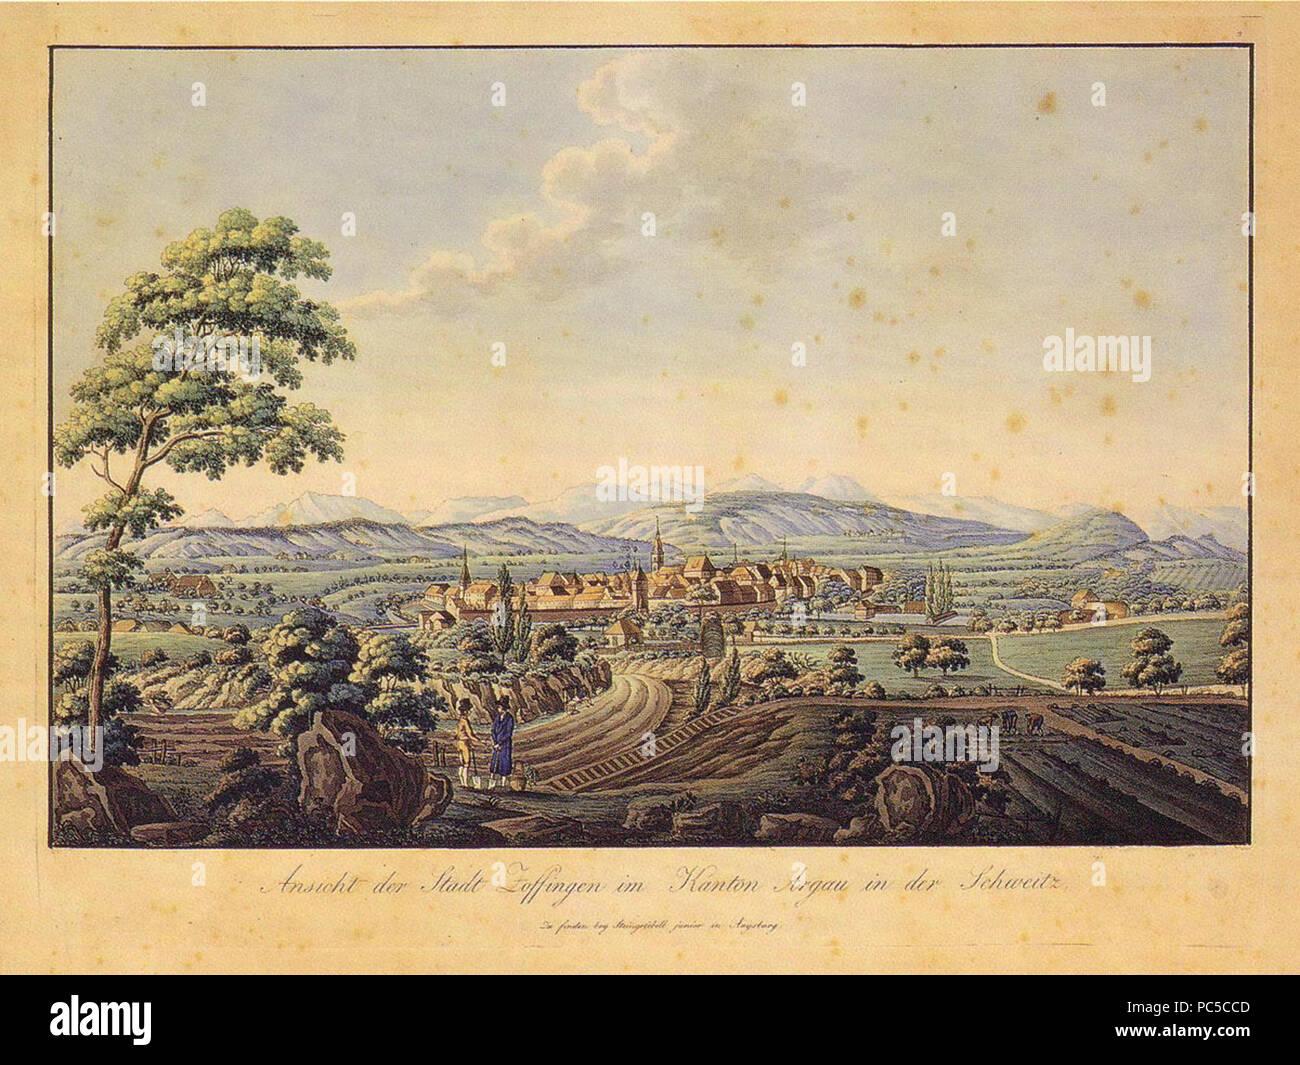 662 Zofingen 1805 - Stock Image